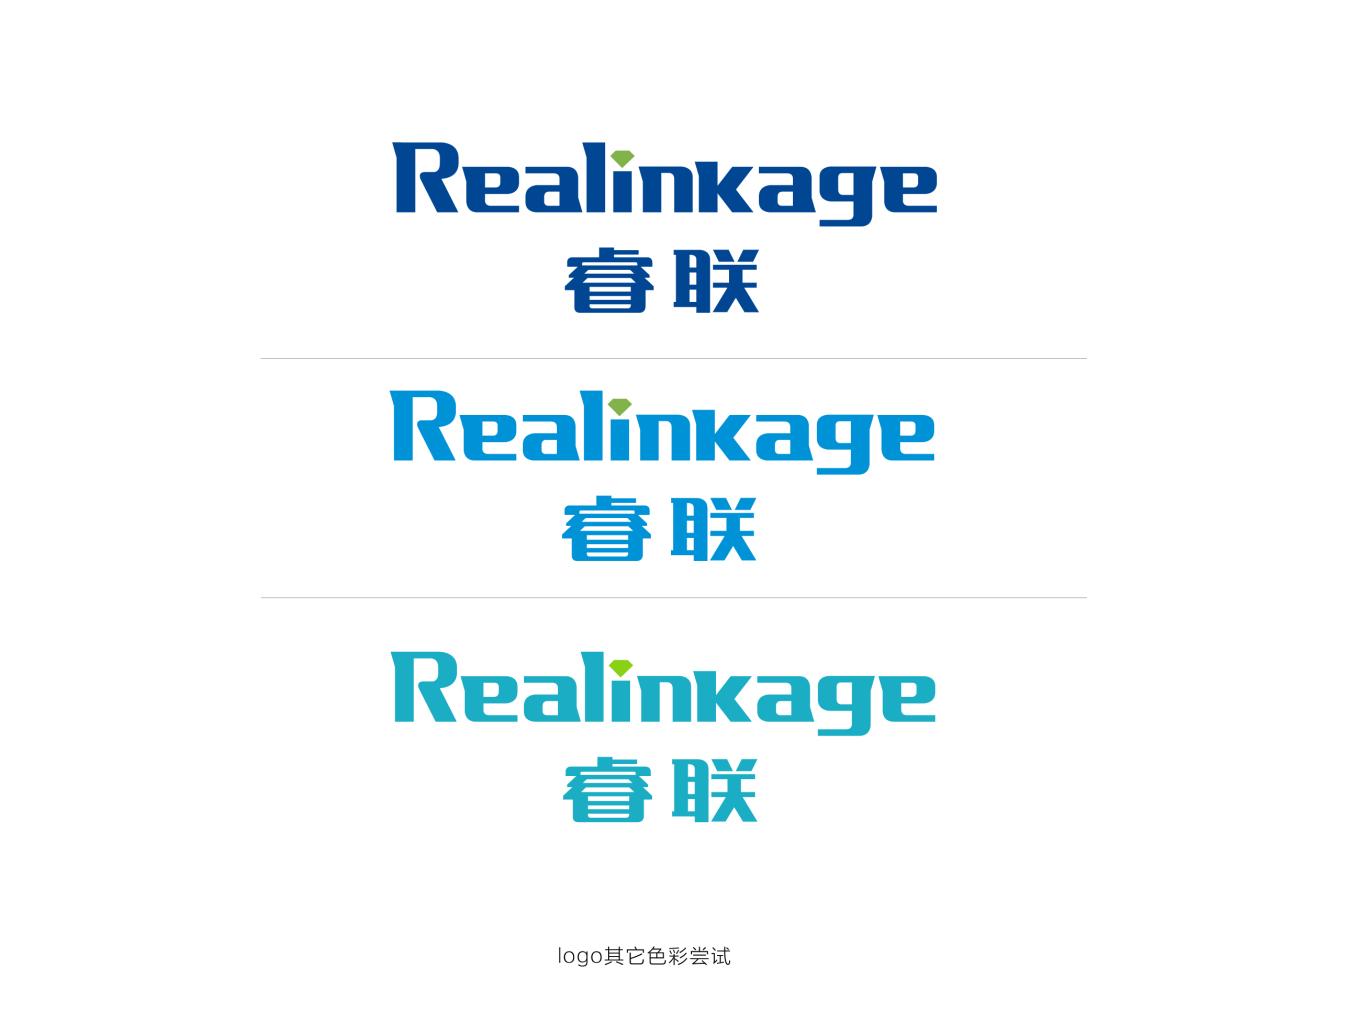 科技公司 logo设计 vi设计图6